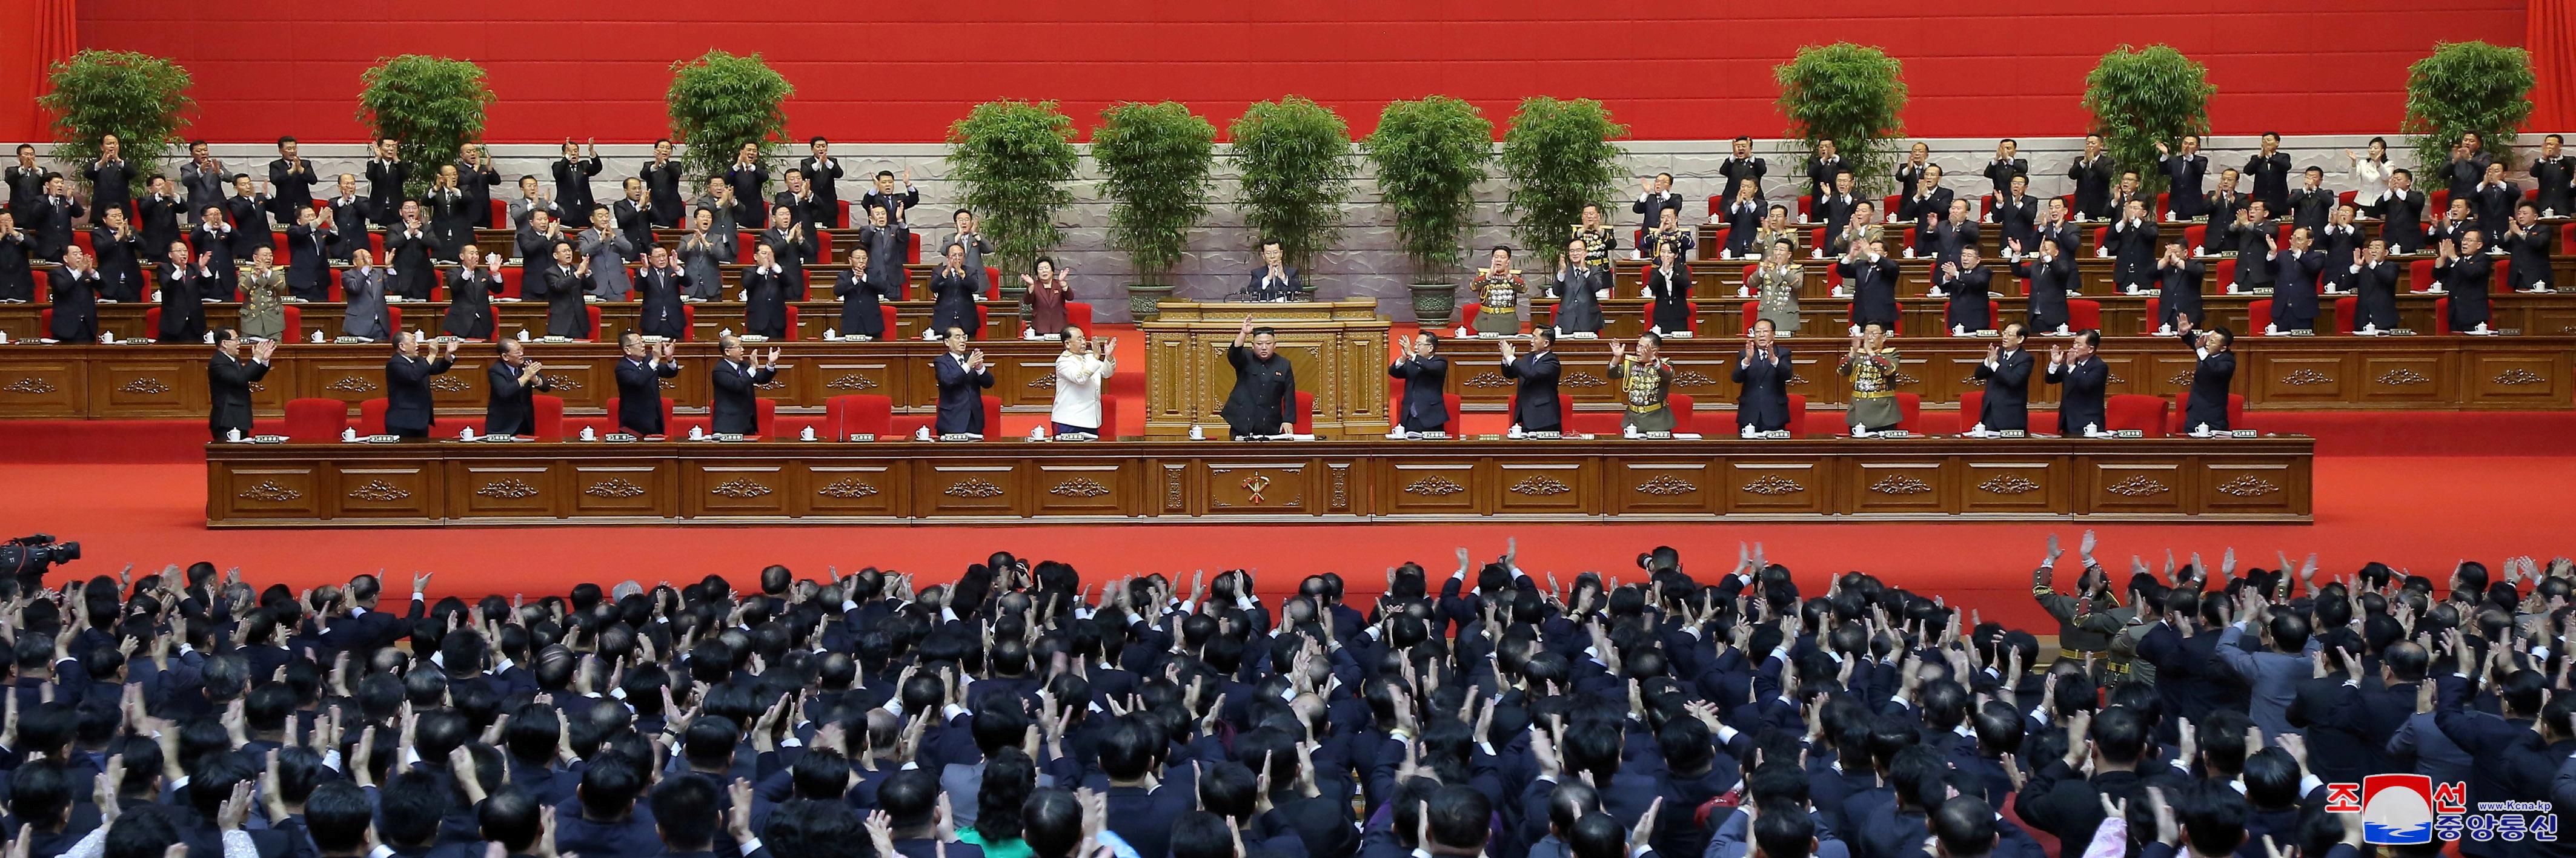 El dictador norcoreano Kim Jong-un recibe aplausos en el 8º Congreso del Partido de los Trabajadores en Pyongyang (Reuters)